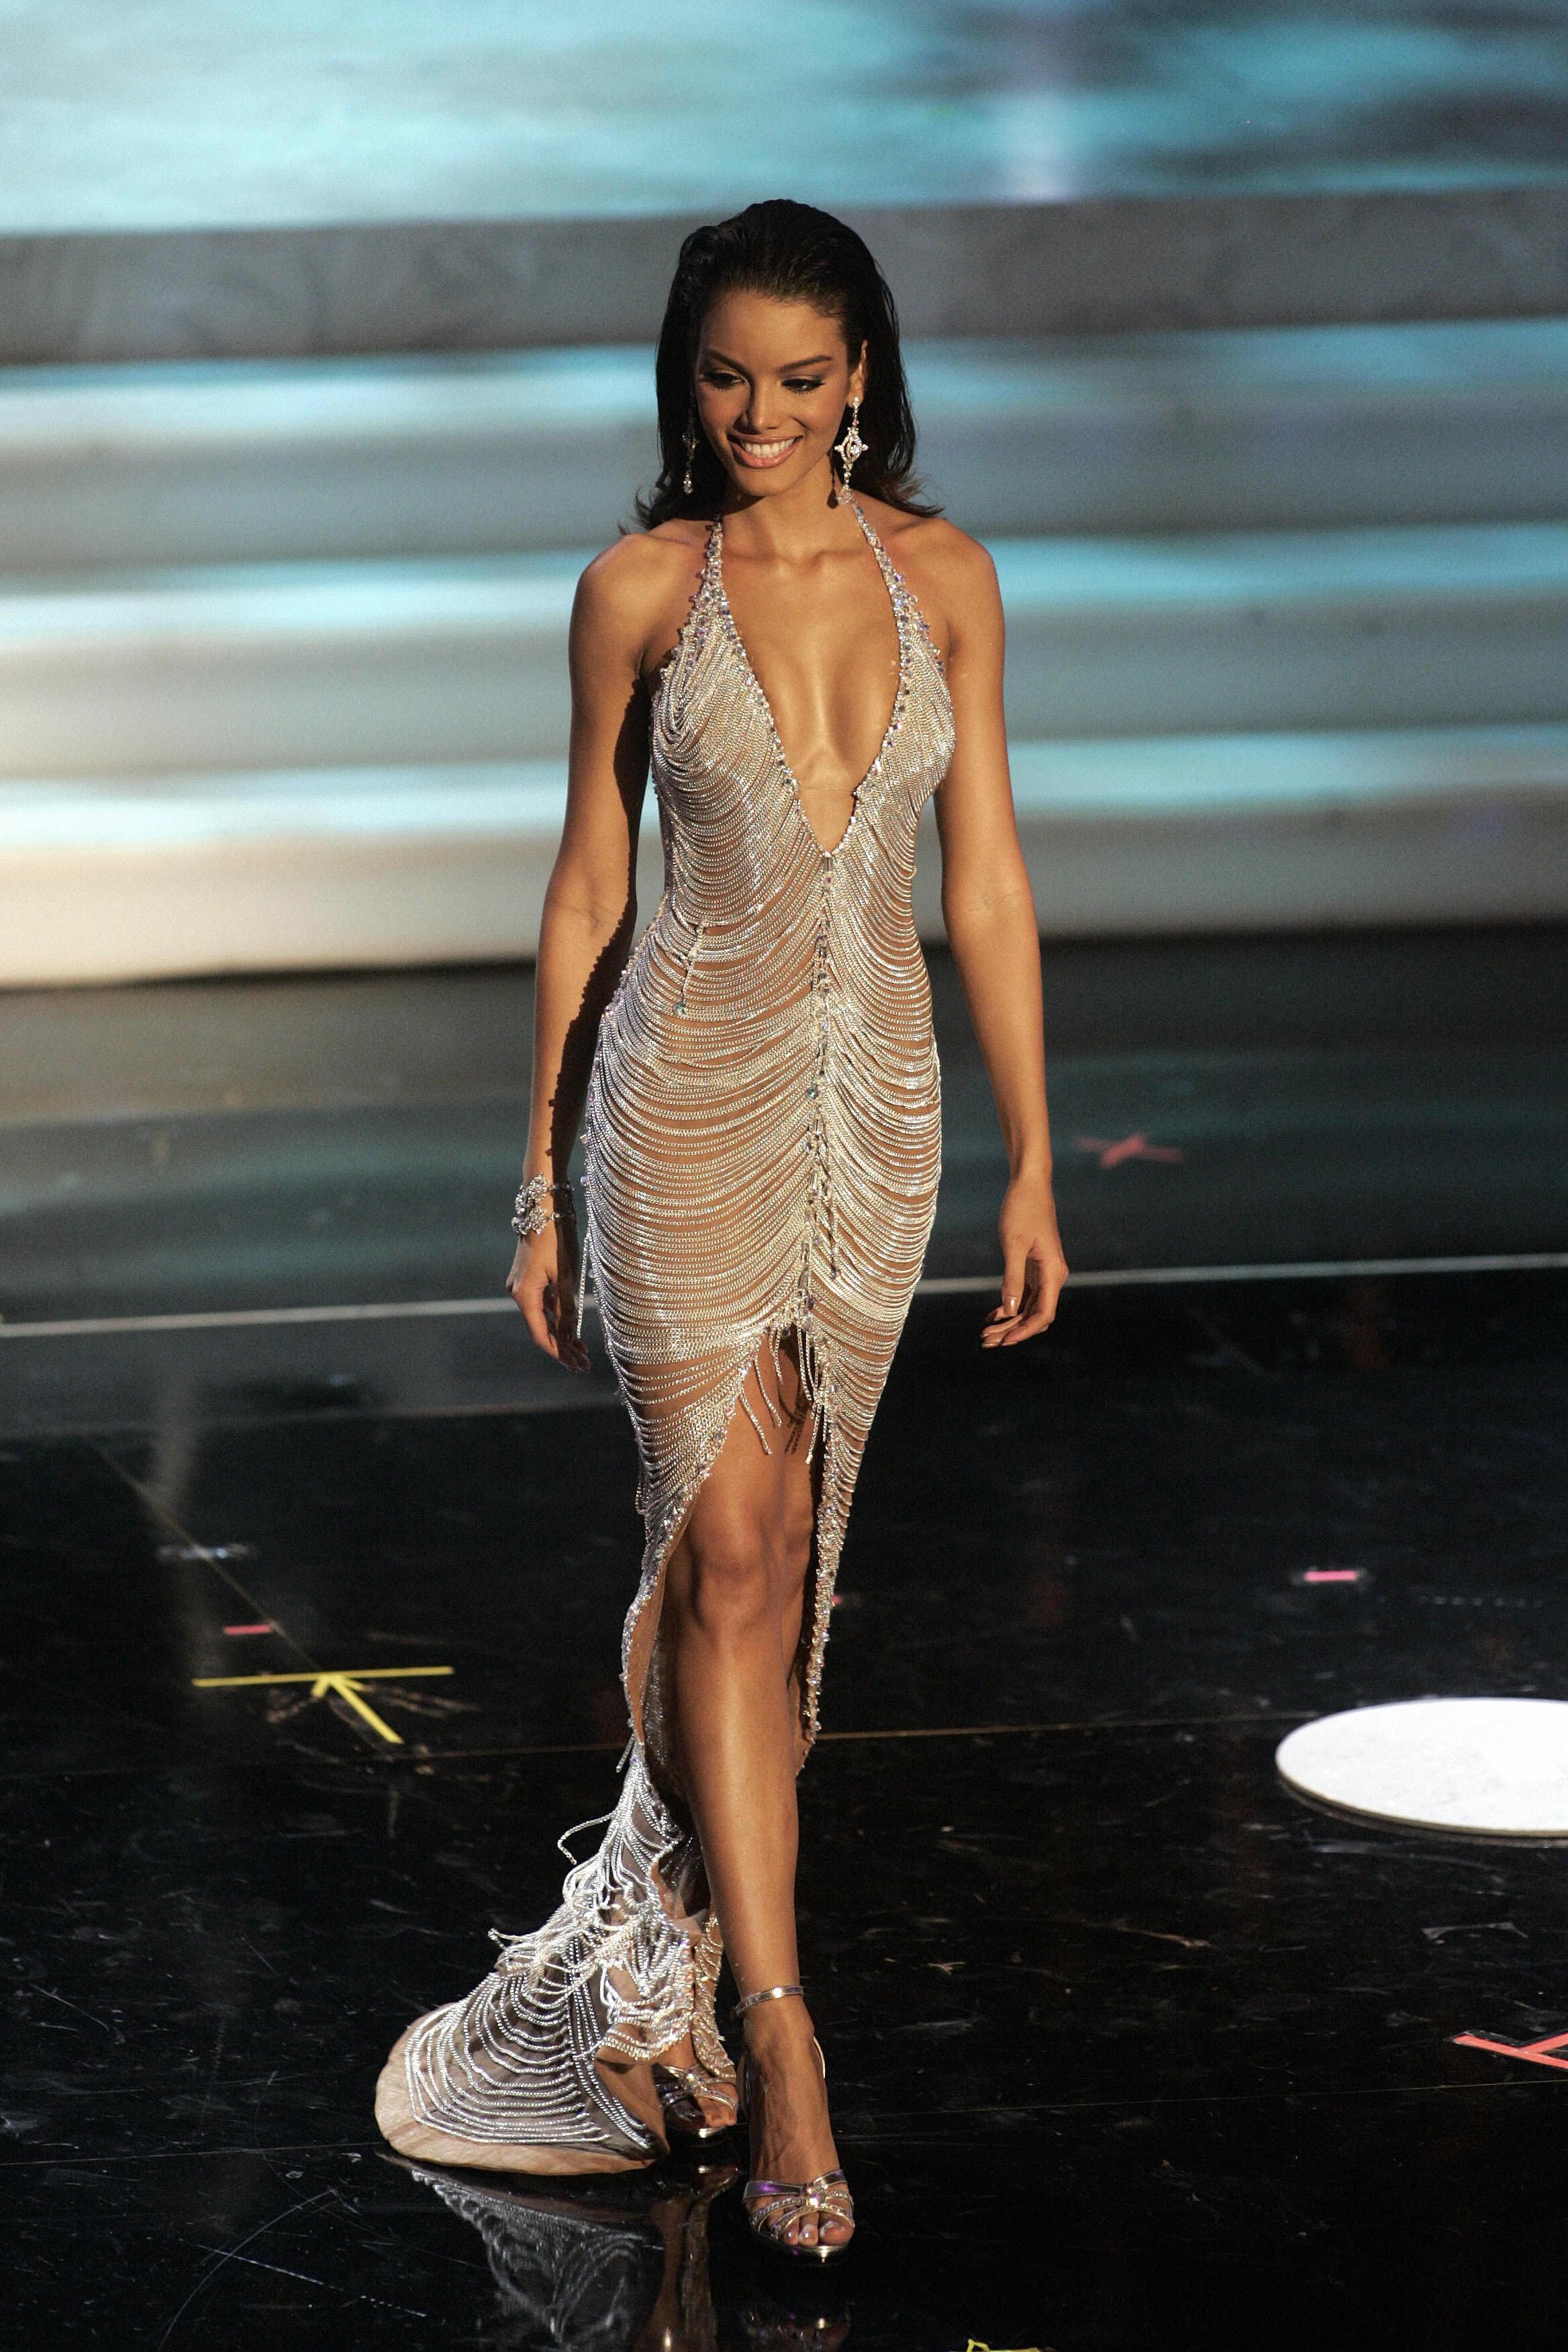 Zuleyka Rivera en robe très décolletée